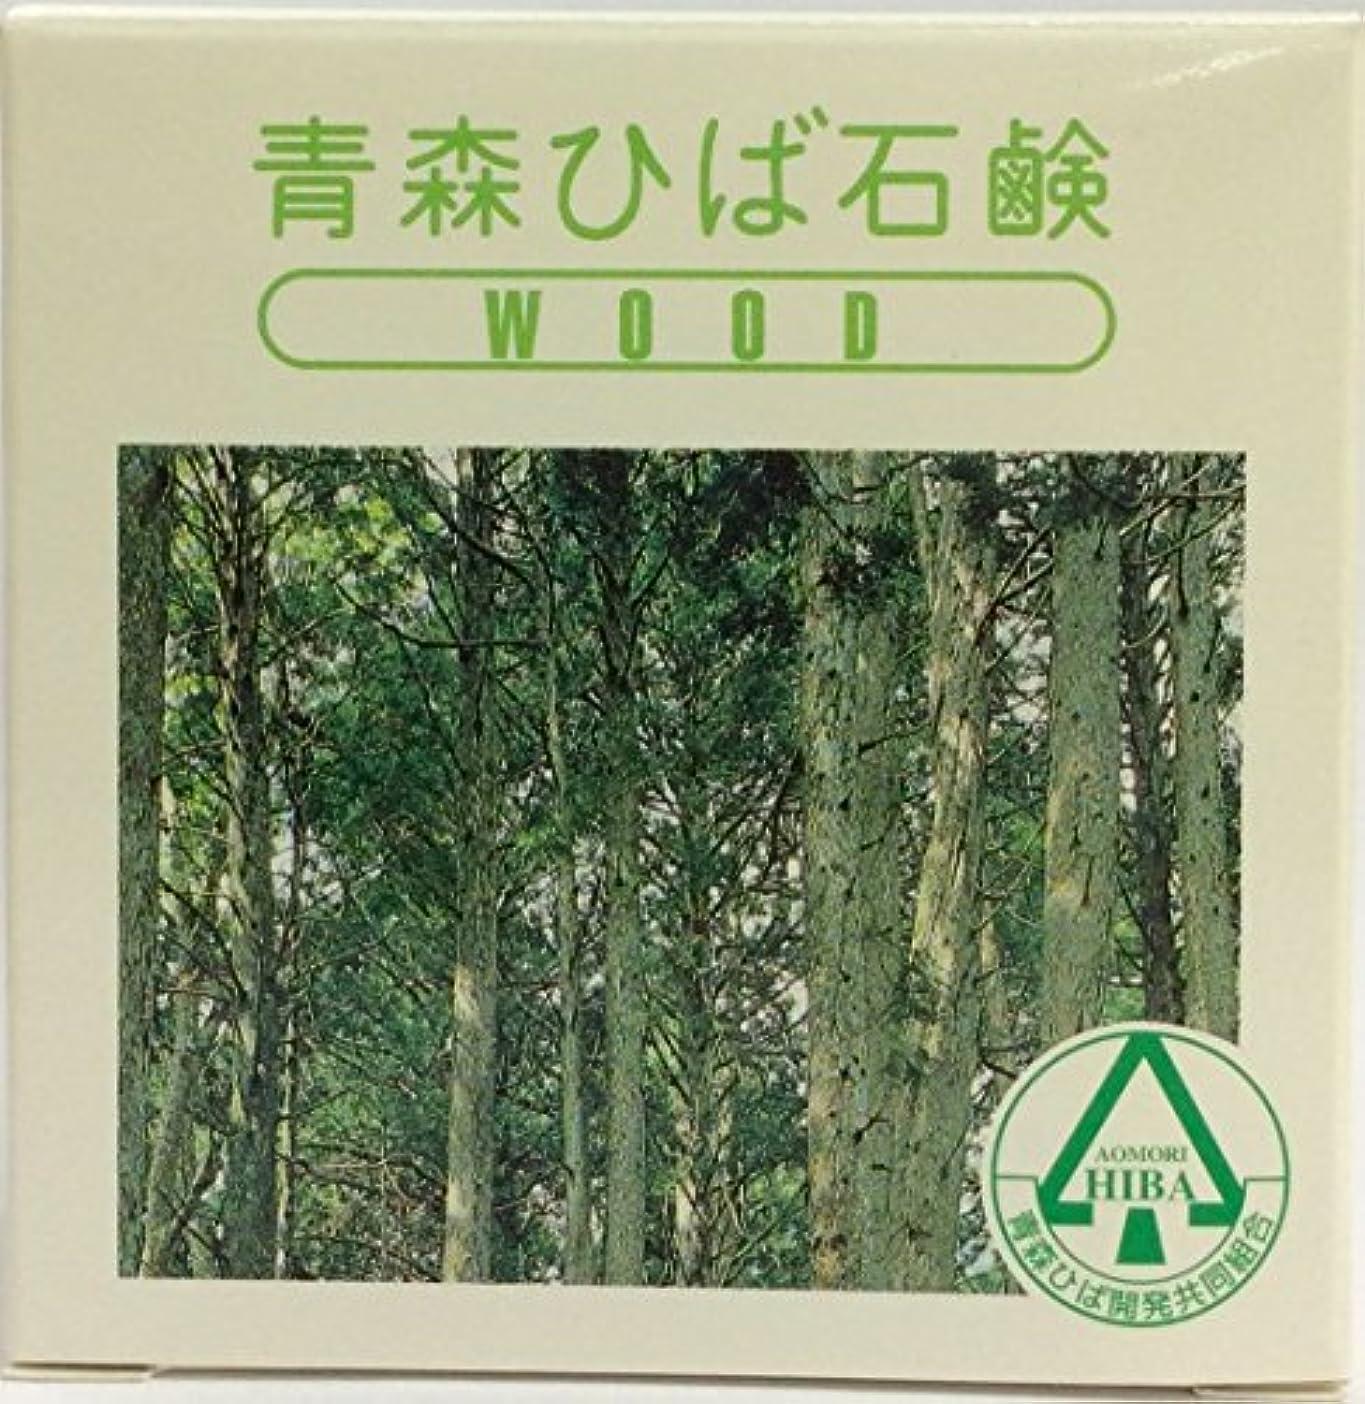 乗り出す発音するコレクション青森ひば石鹸 WOOD 95g クラウンウッド(Y)